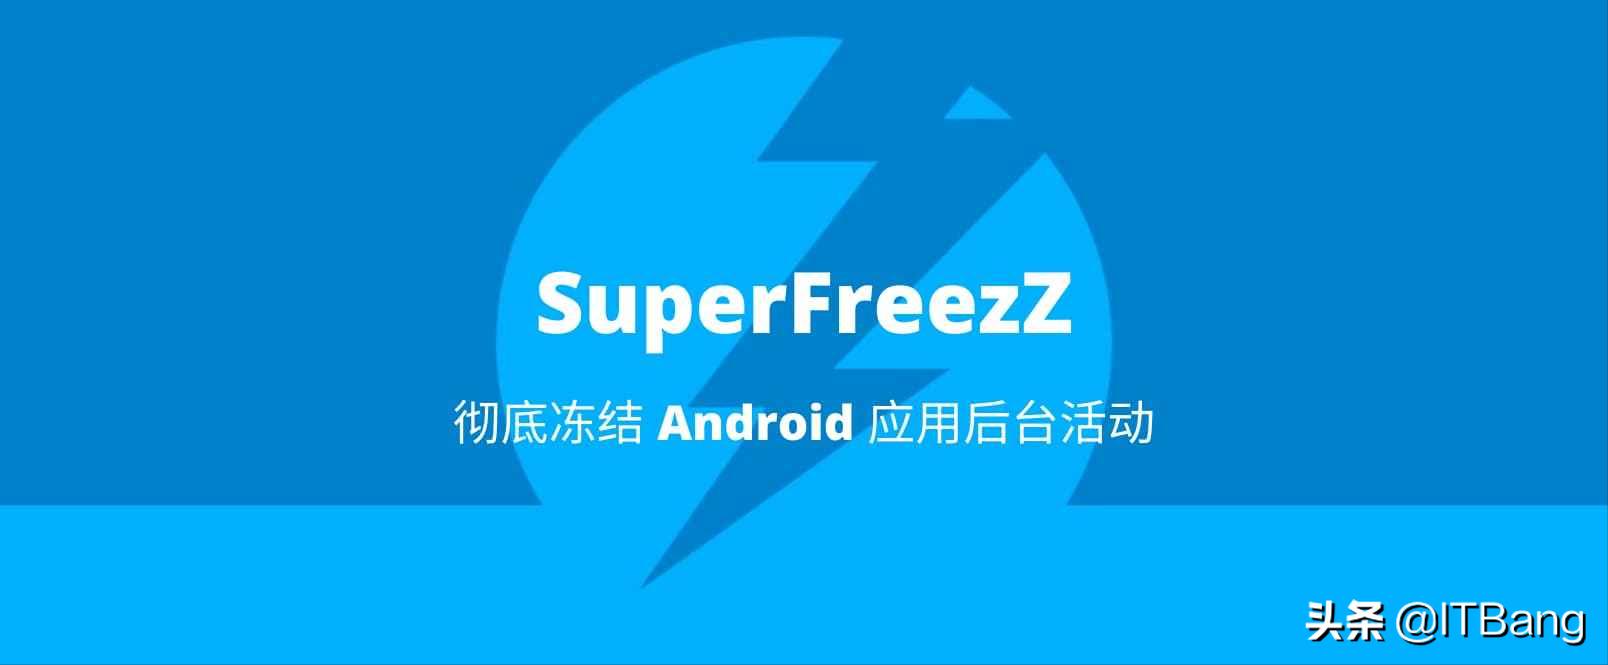 彻底冻结毒瘤 Android 应用后台活动开源软件